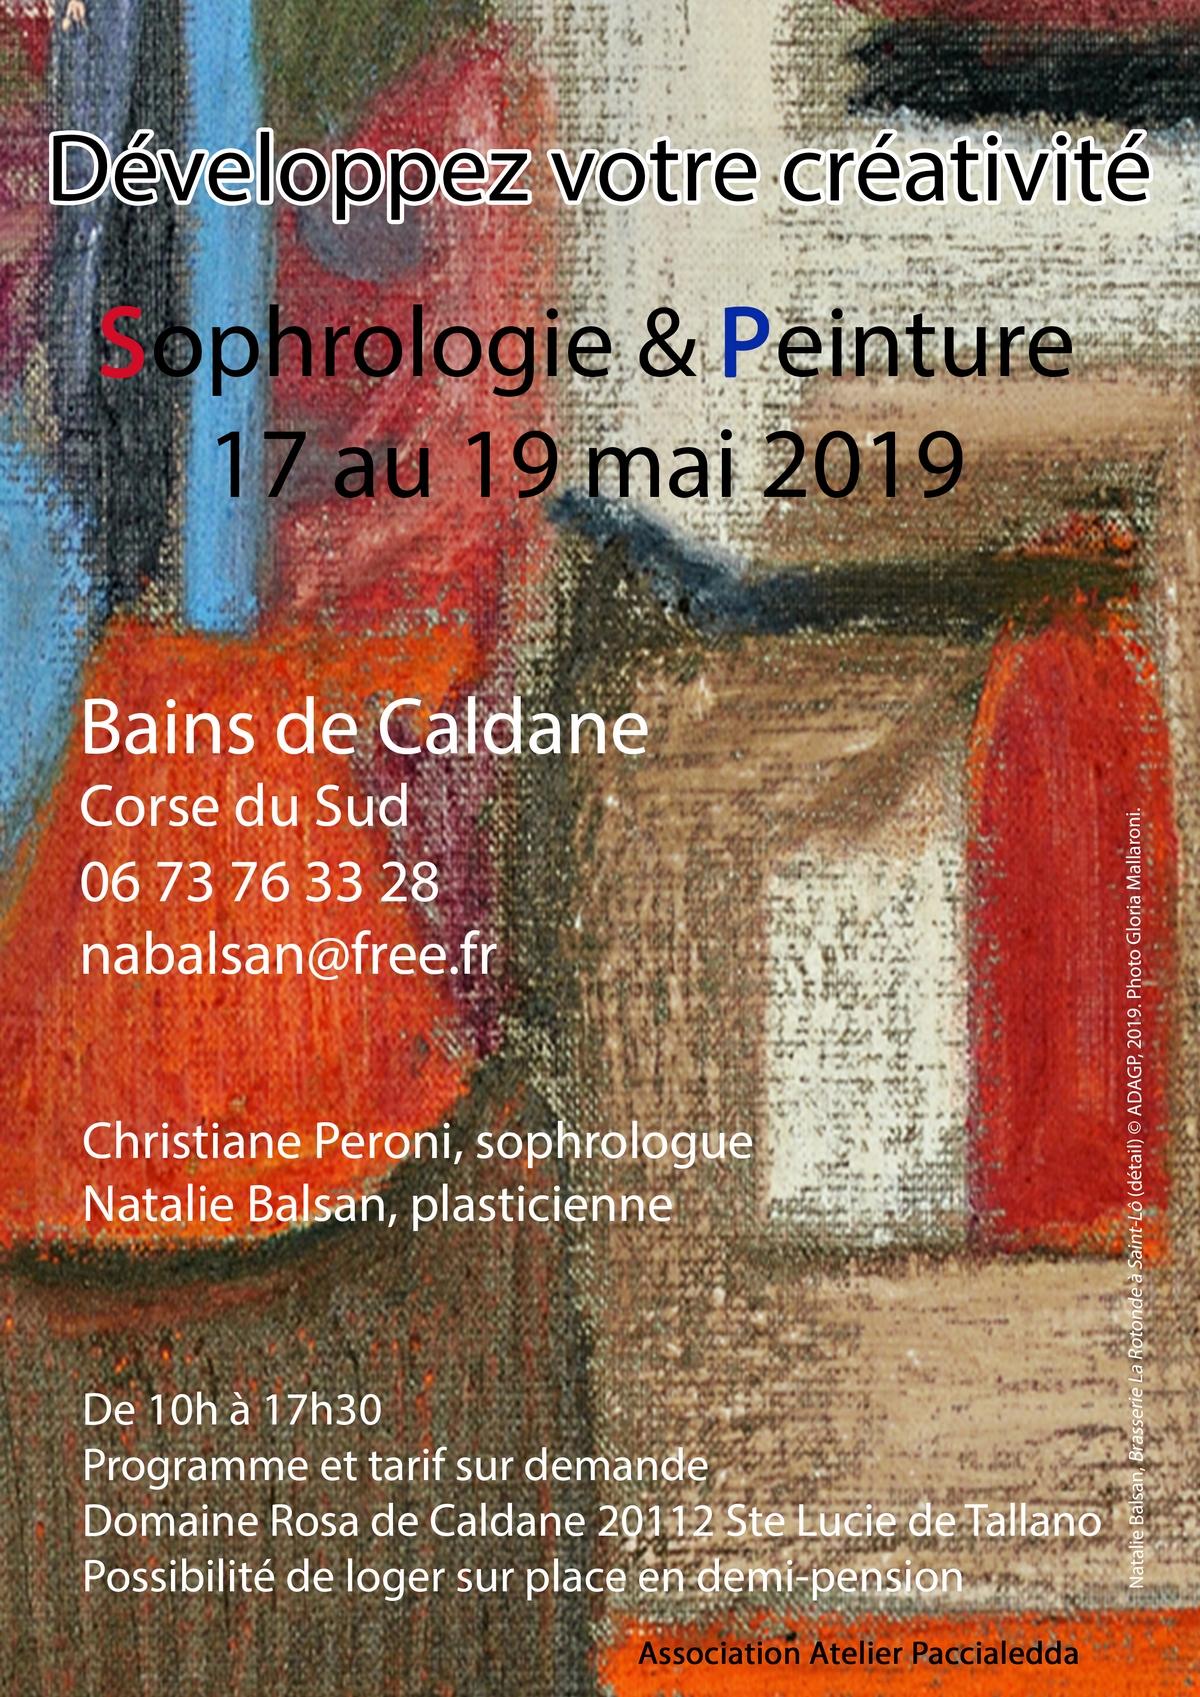 Sophrologie et peinture s'invitent aux Bains de Caldane du 17 au 19 mai